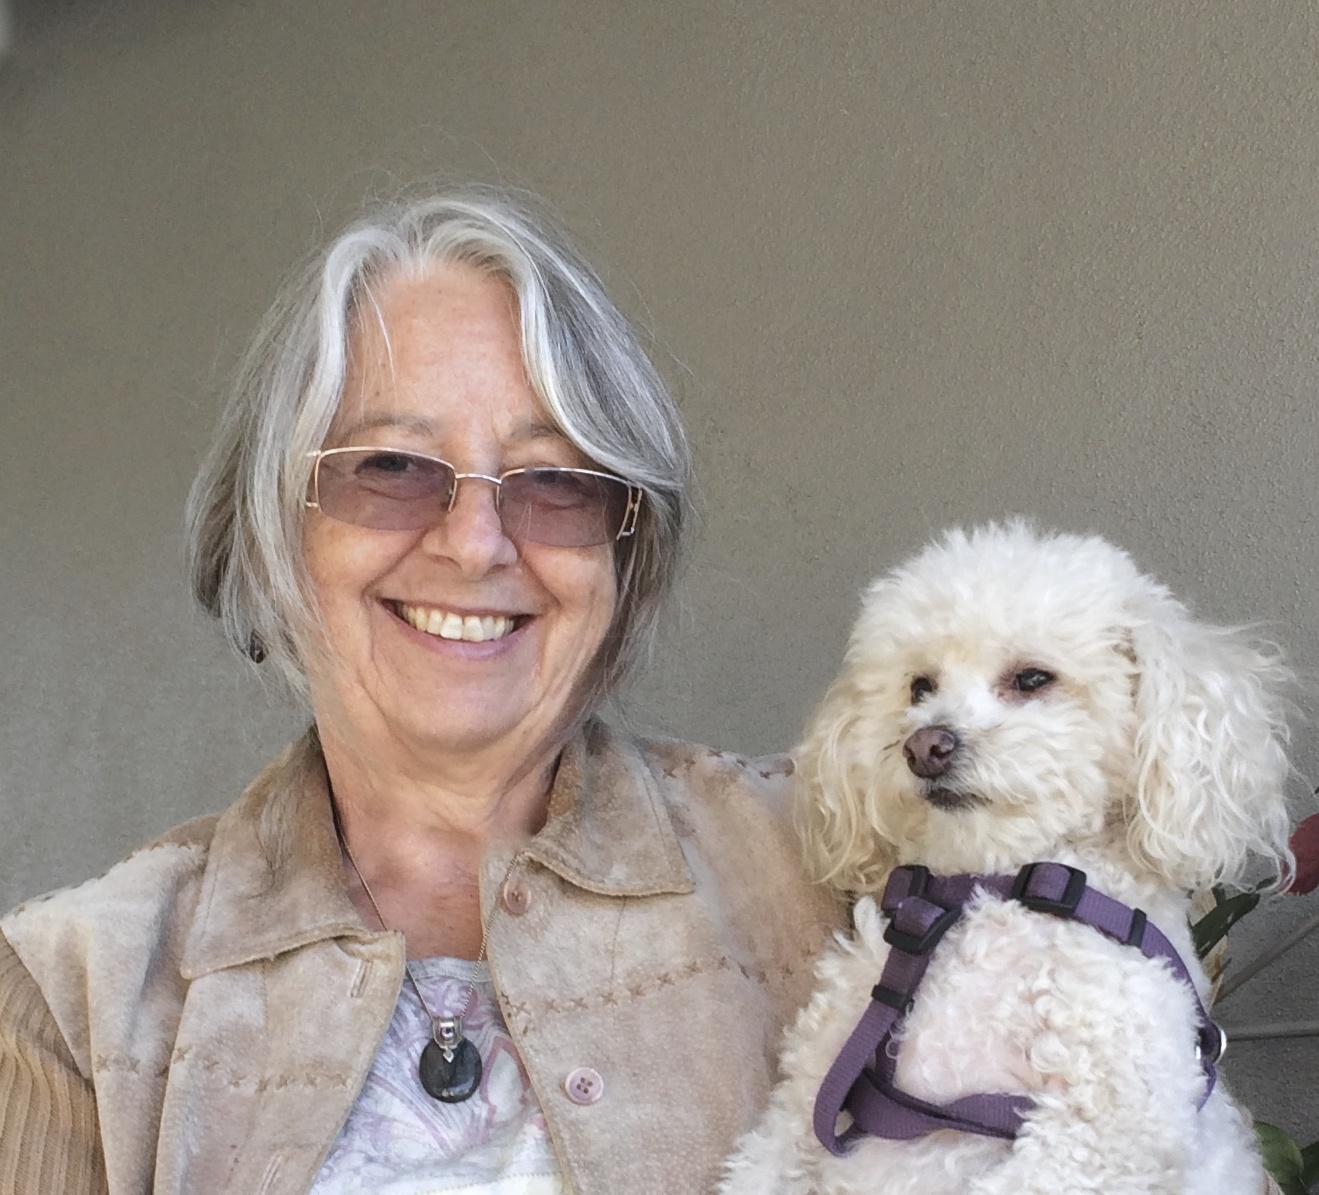 Joyce Wycoff and Missy